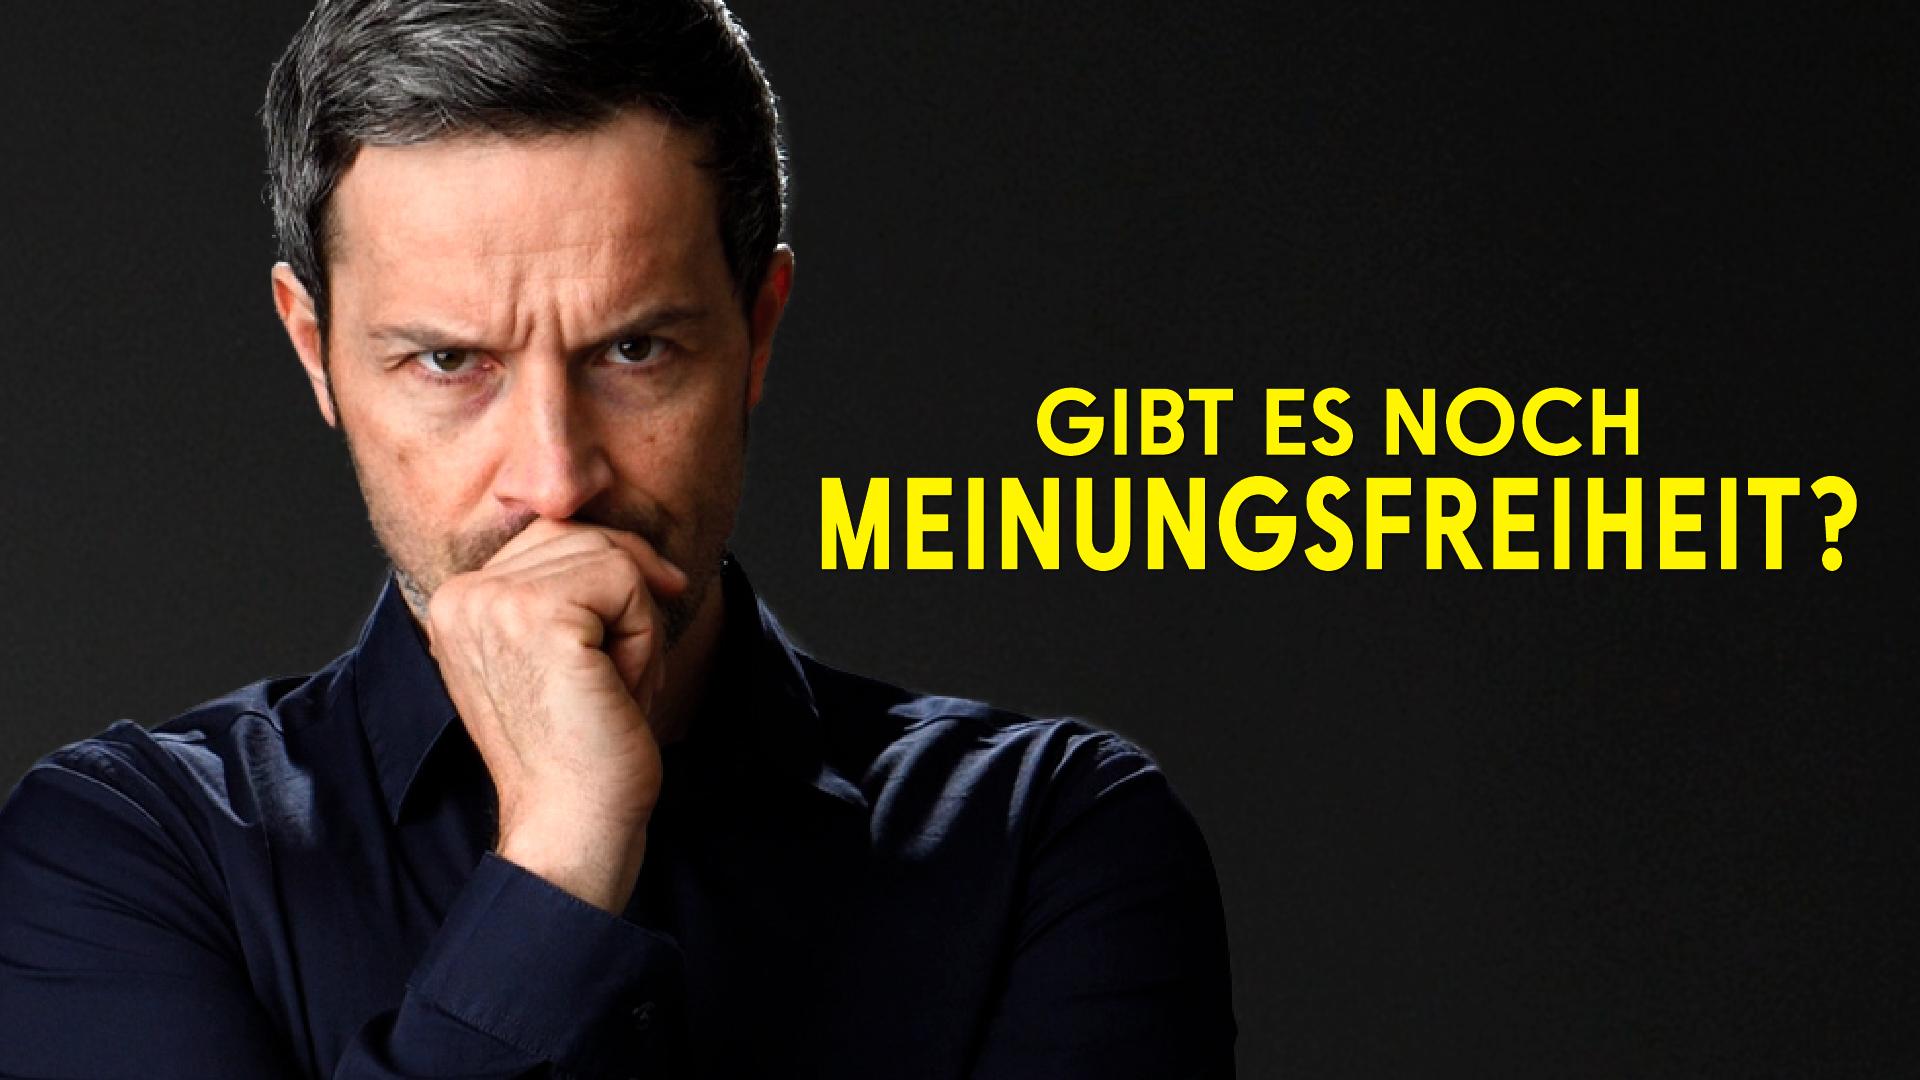 YouTube: Meinungsfreiheit in GEFAHR! (#allesdichtmachen)